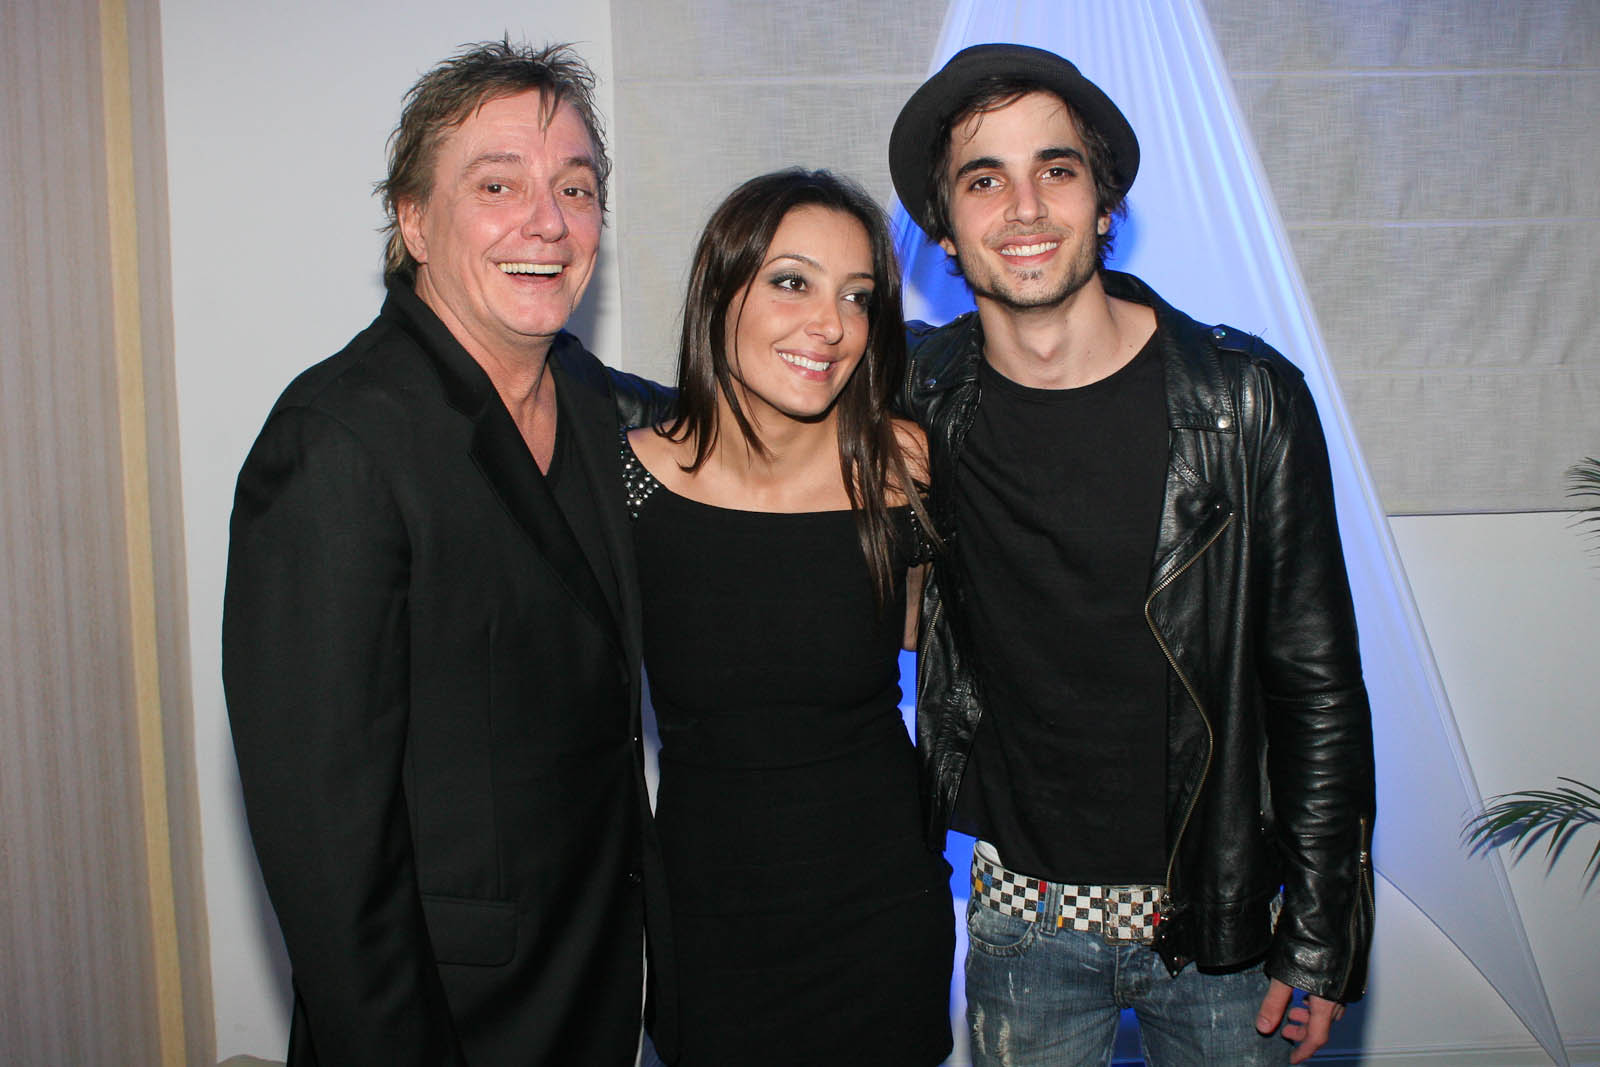 Tainá Galvão está se lançando como cantora. Ela é filha de Fábio Jr. e irmã de Cleo Pires e Fiuk